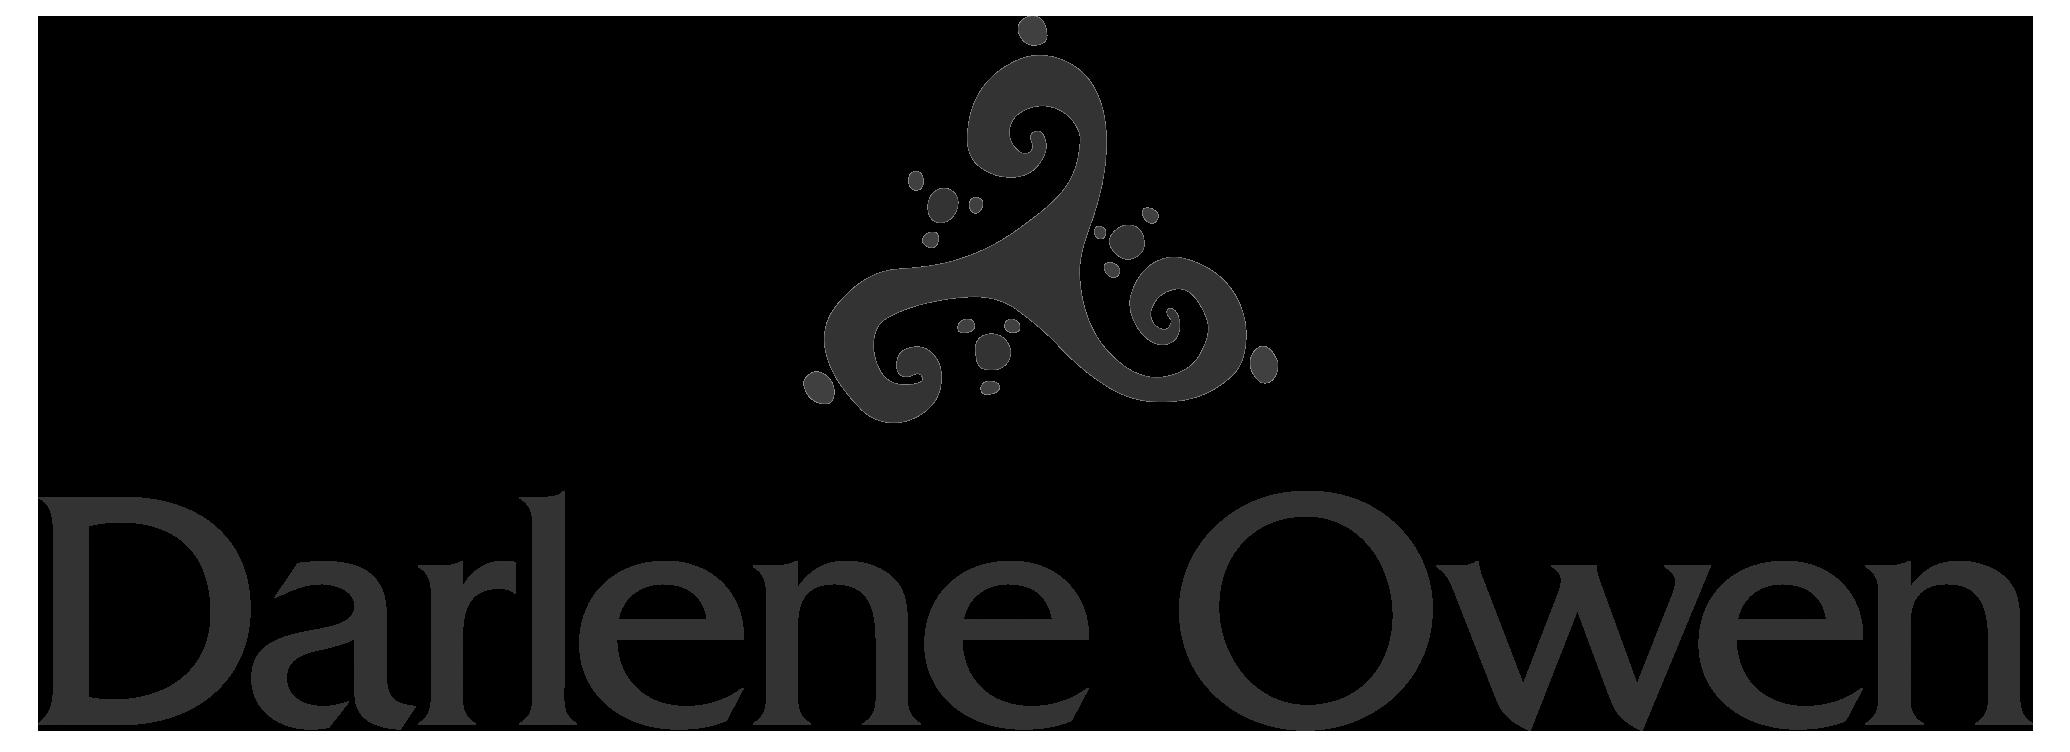 darlene-owen-logo-stacked_GRAY.png